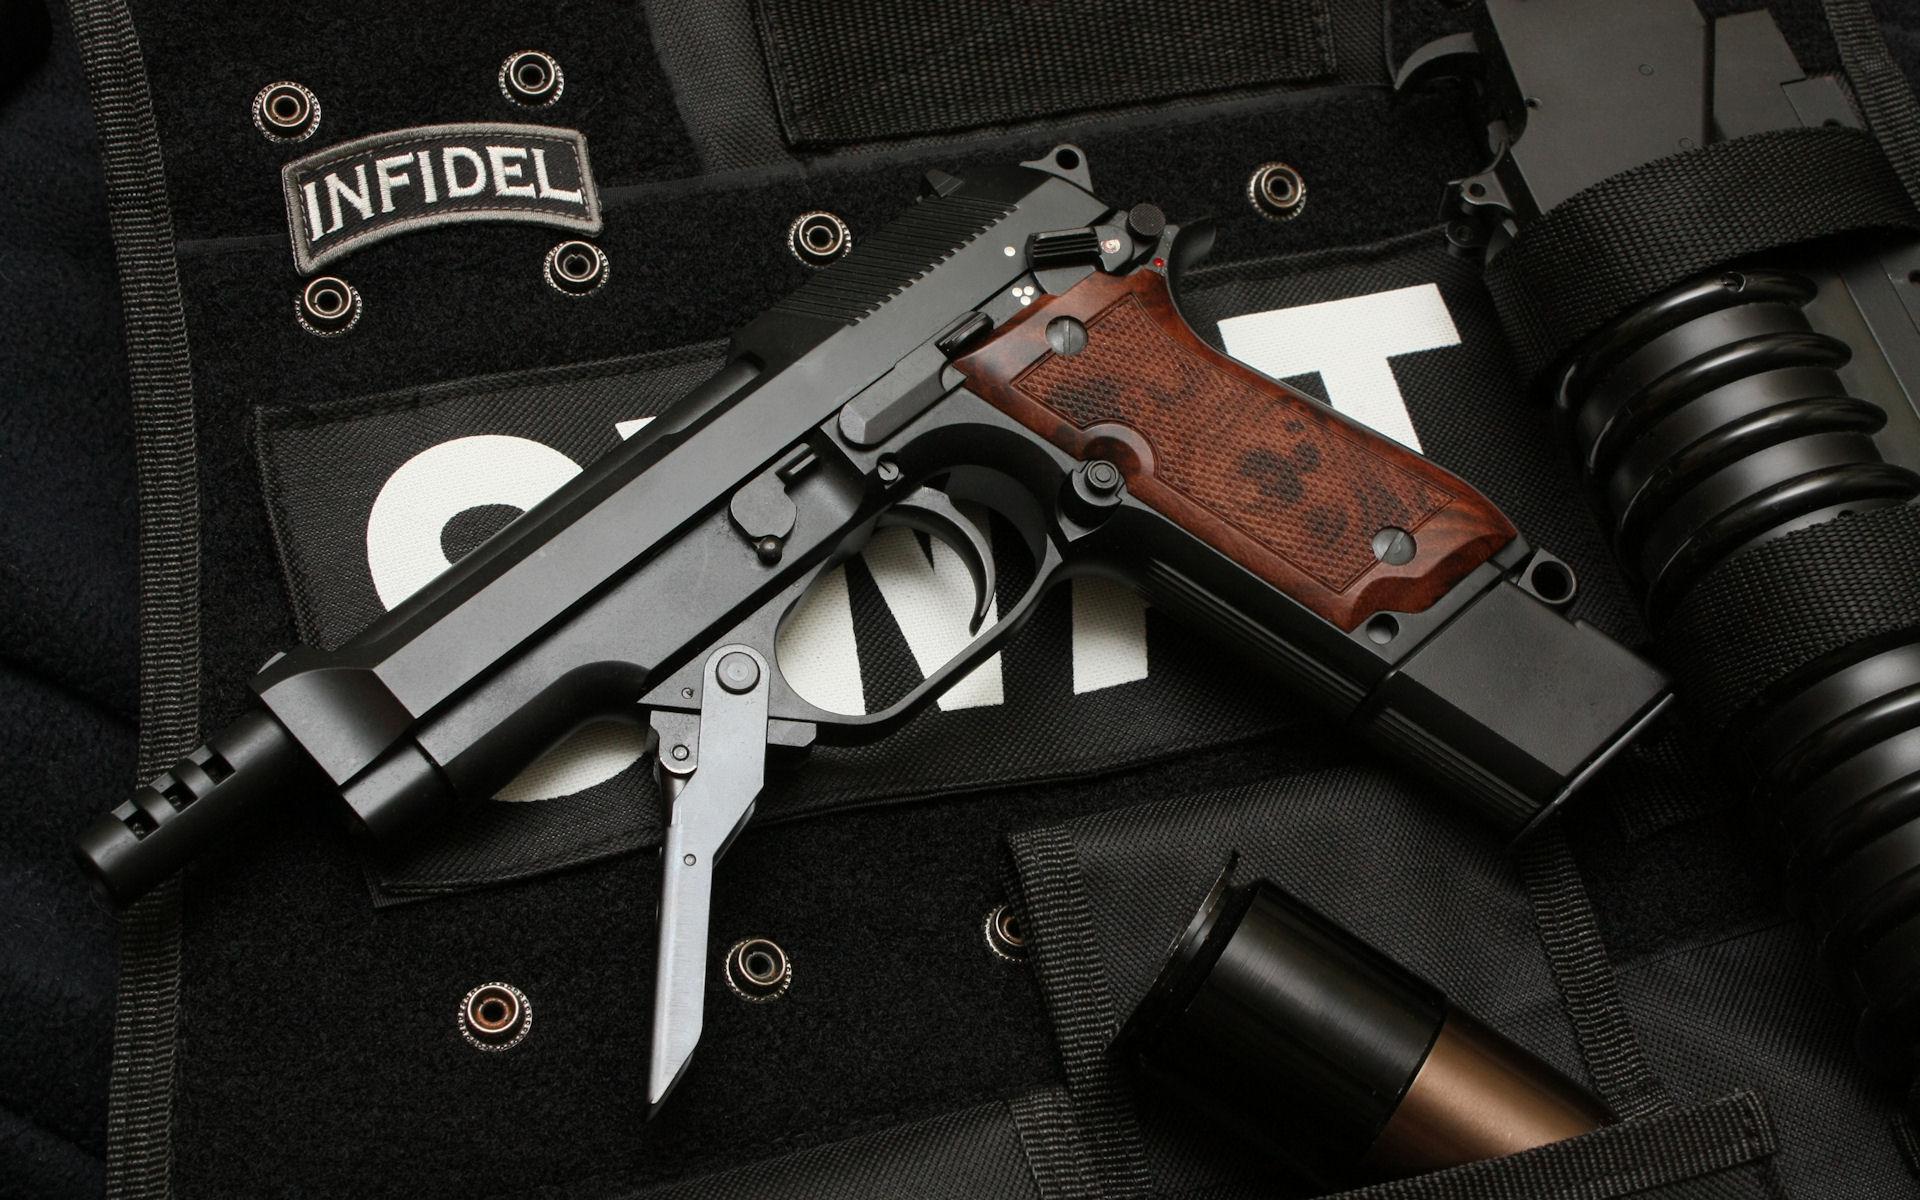 Guns SWAT Wallpaper 1920x1200 Guns SWAT Weapons Handguns Beretta 1920x1200